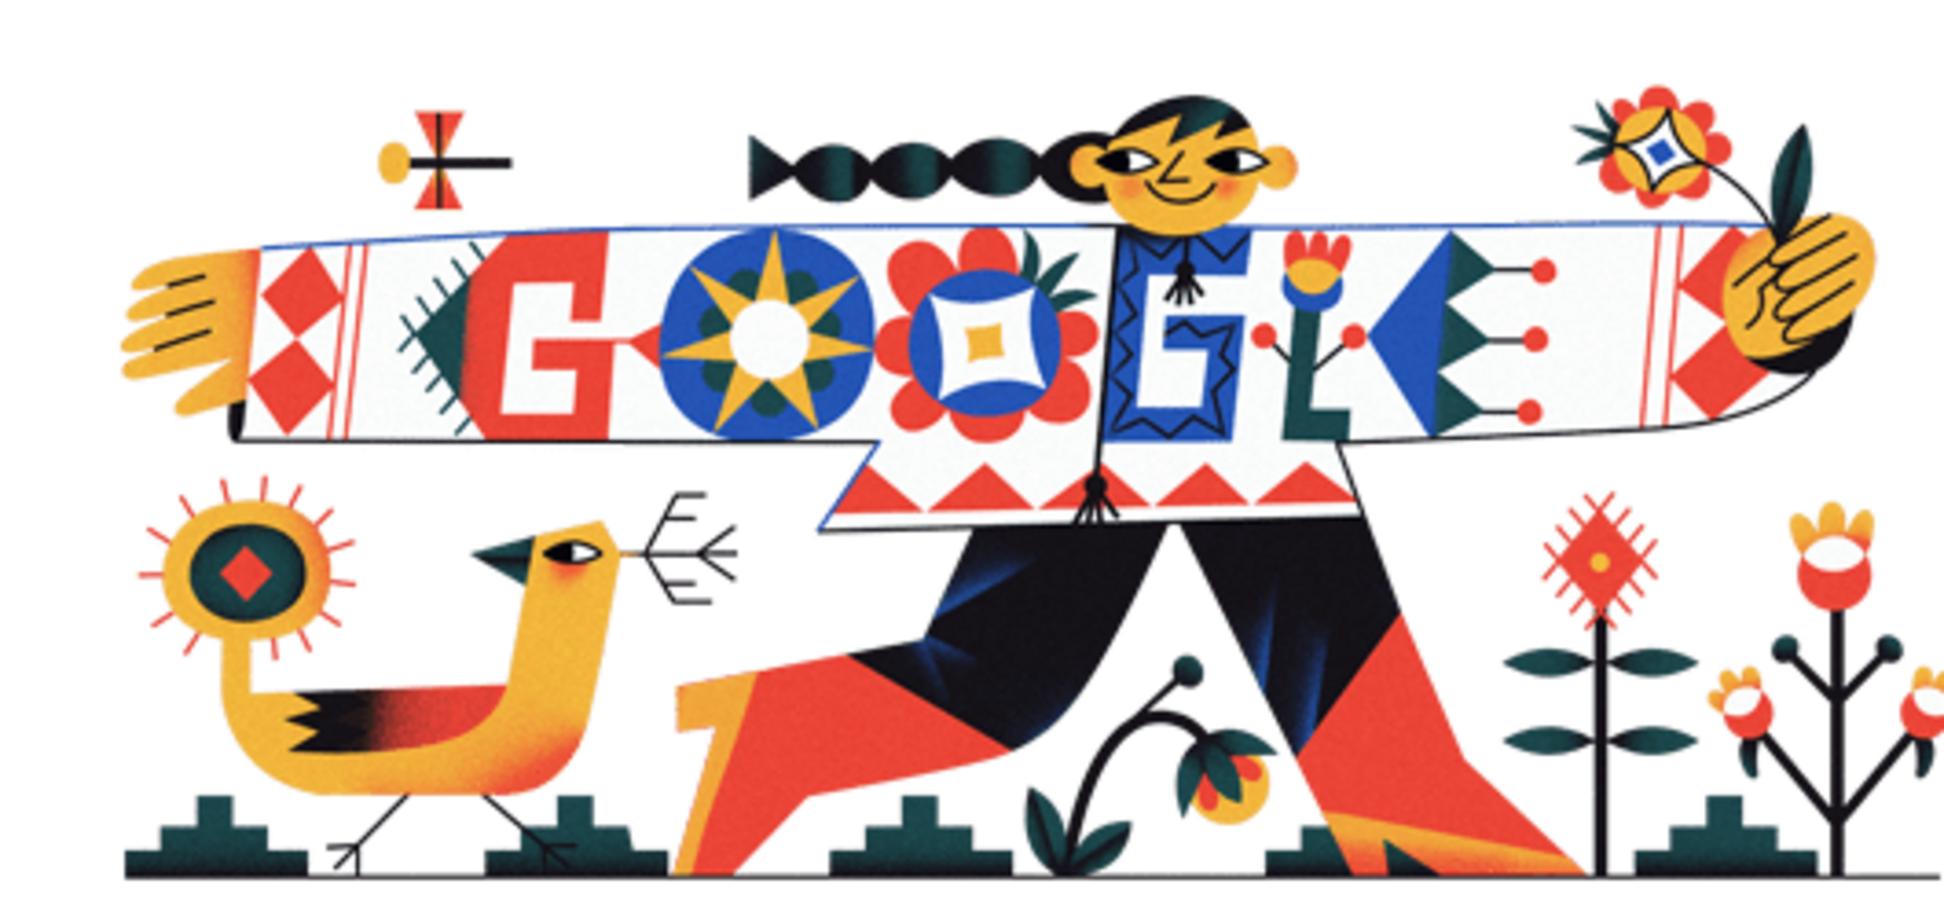 День вышиванки 2020: Google поздравил украинцев ярким дудлом